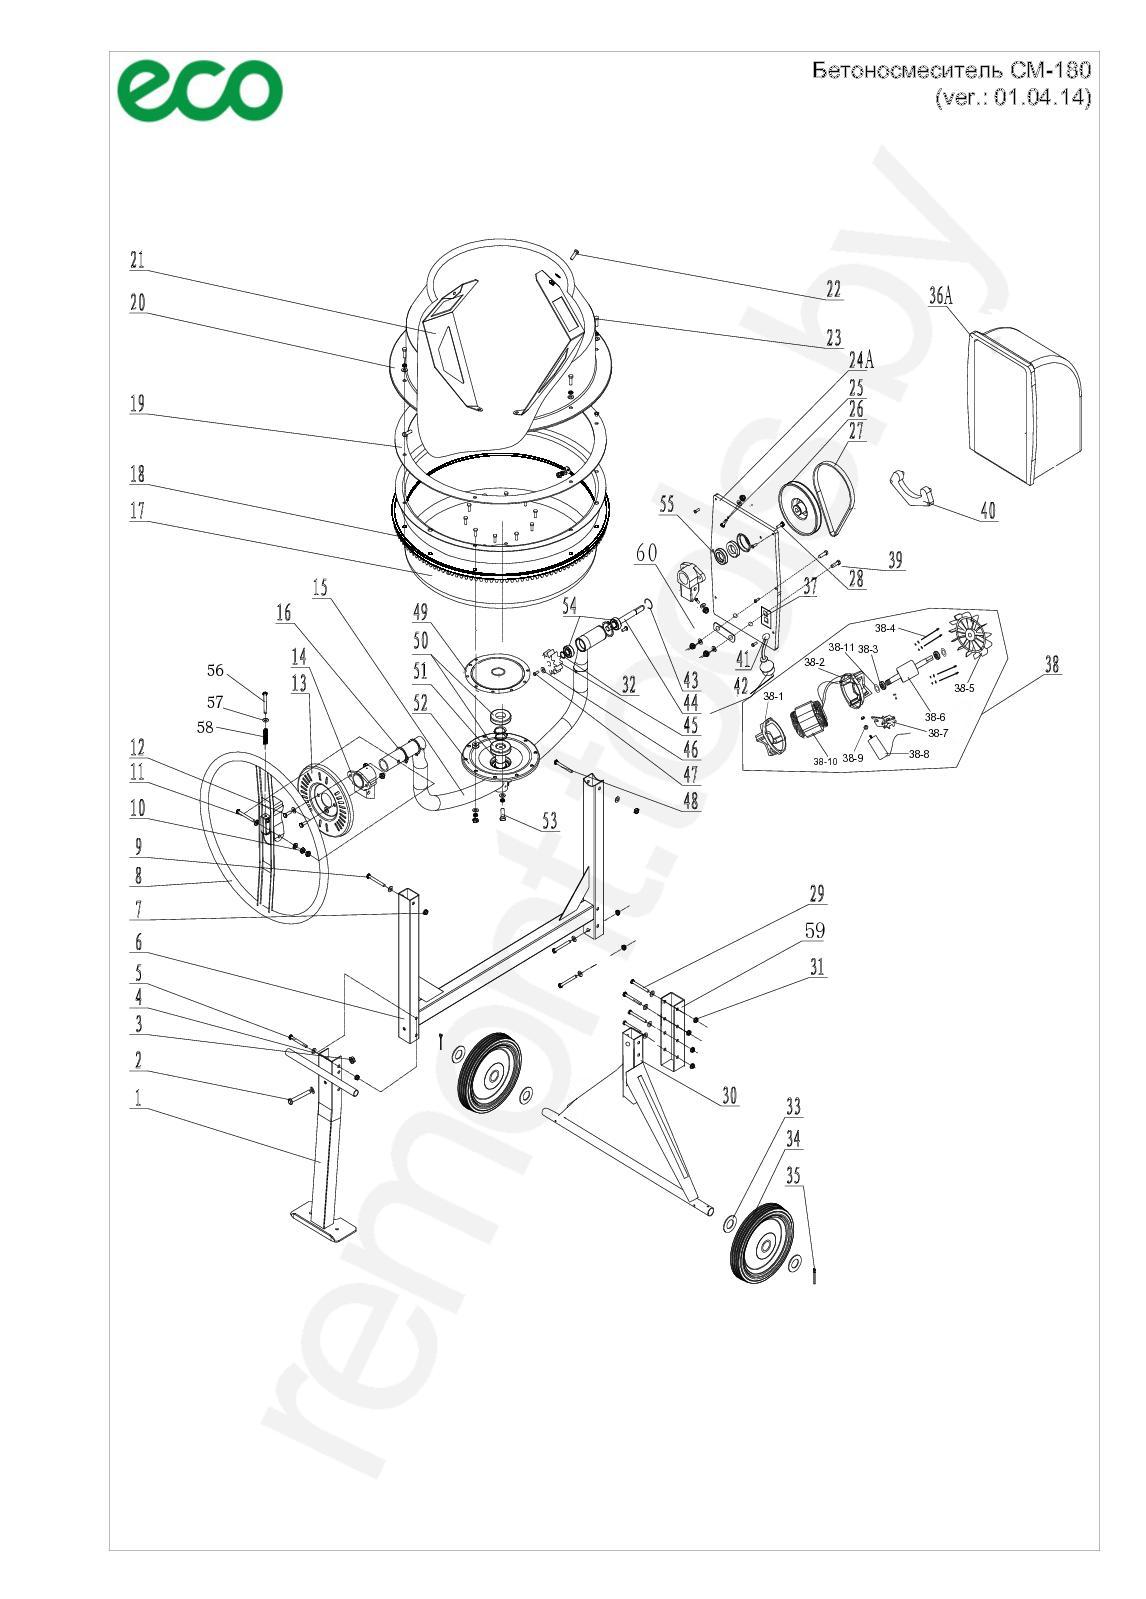 Eco Бетоносмеситель Cm180 (Ver 01 04 14)